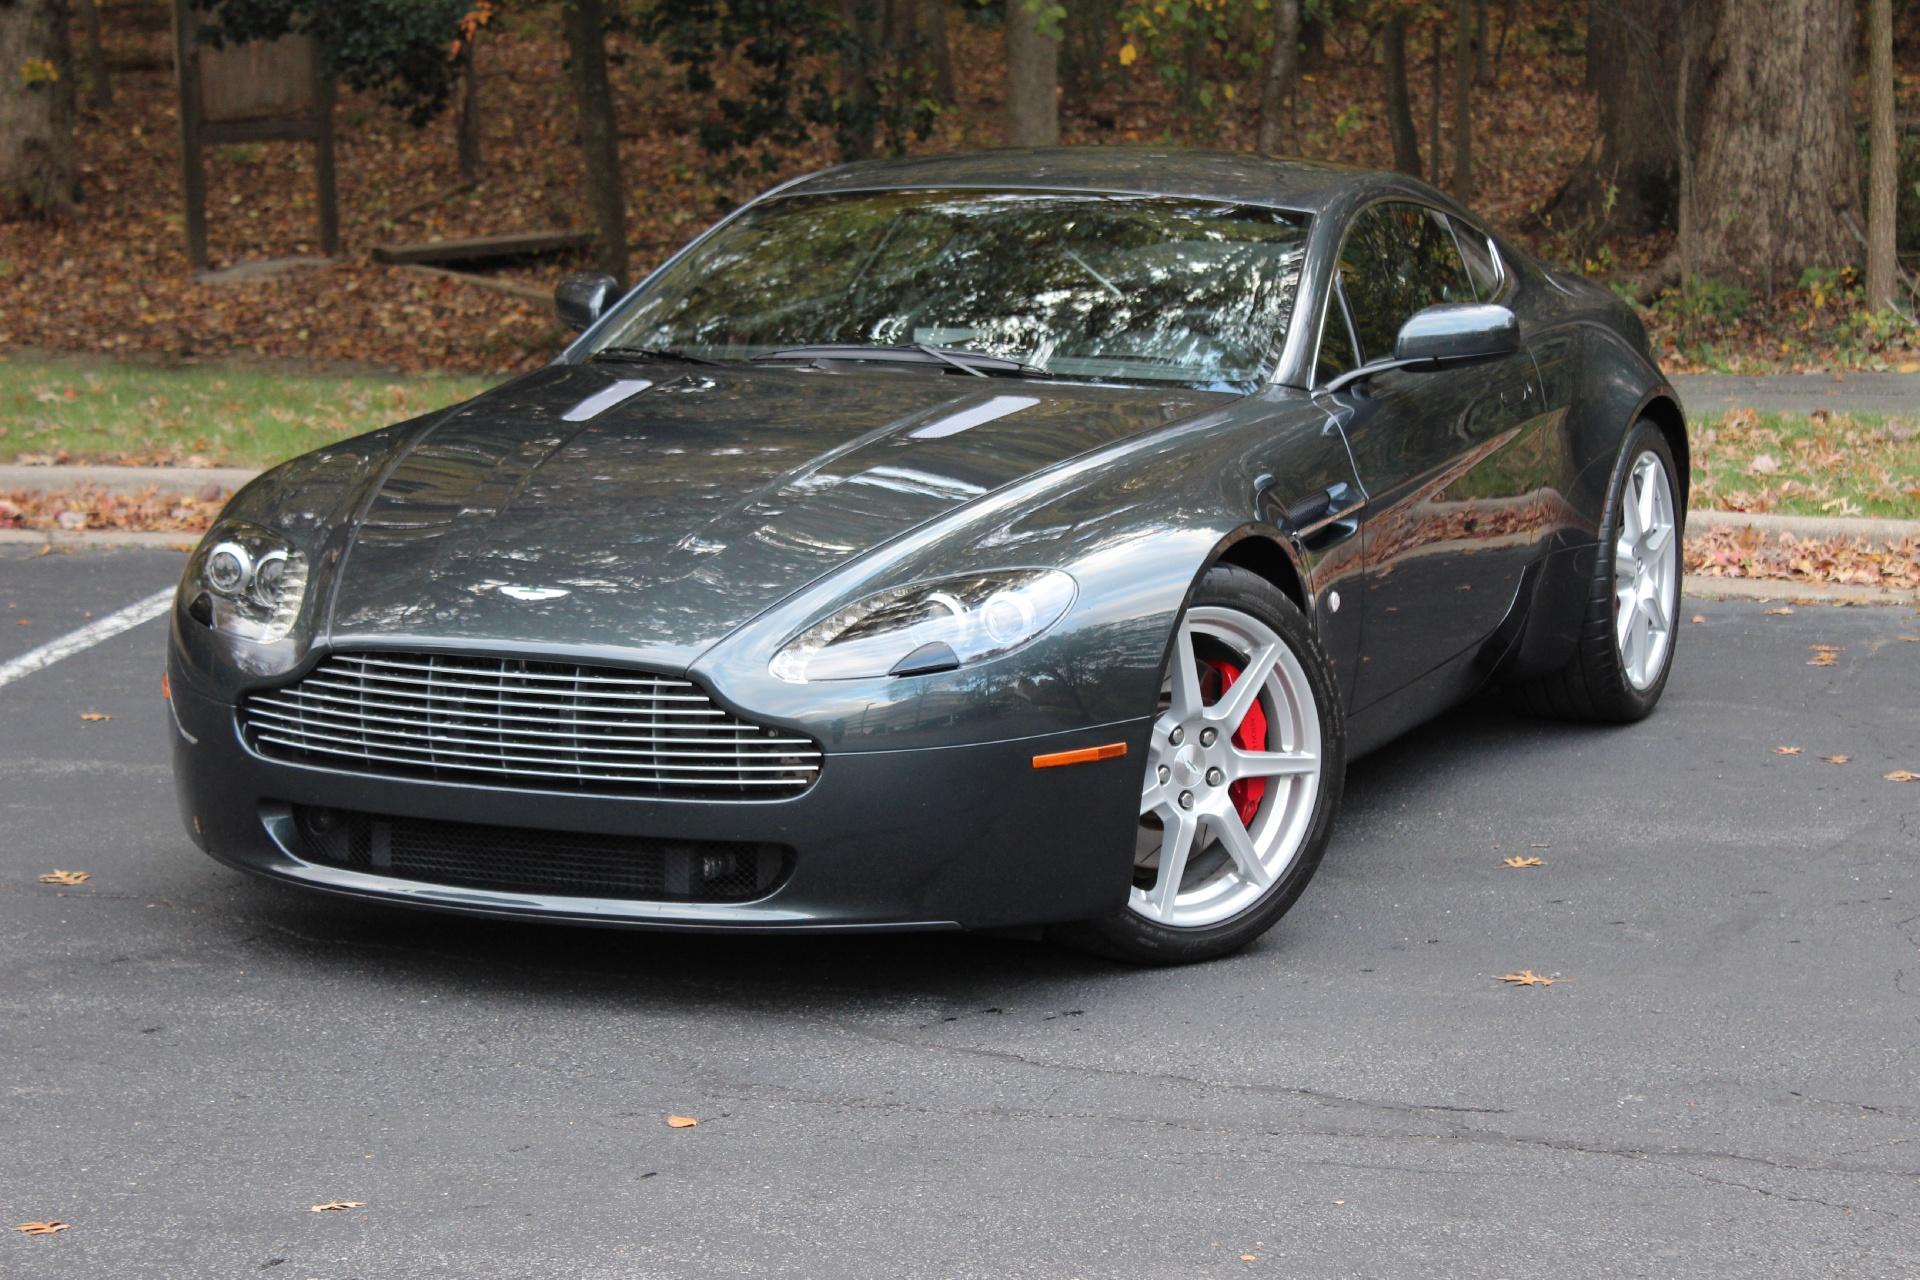 2008 Aston Martin Vantage Stock # P09203 for sale near Vienna, VA ...